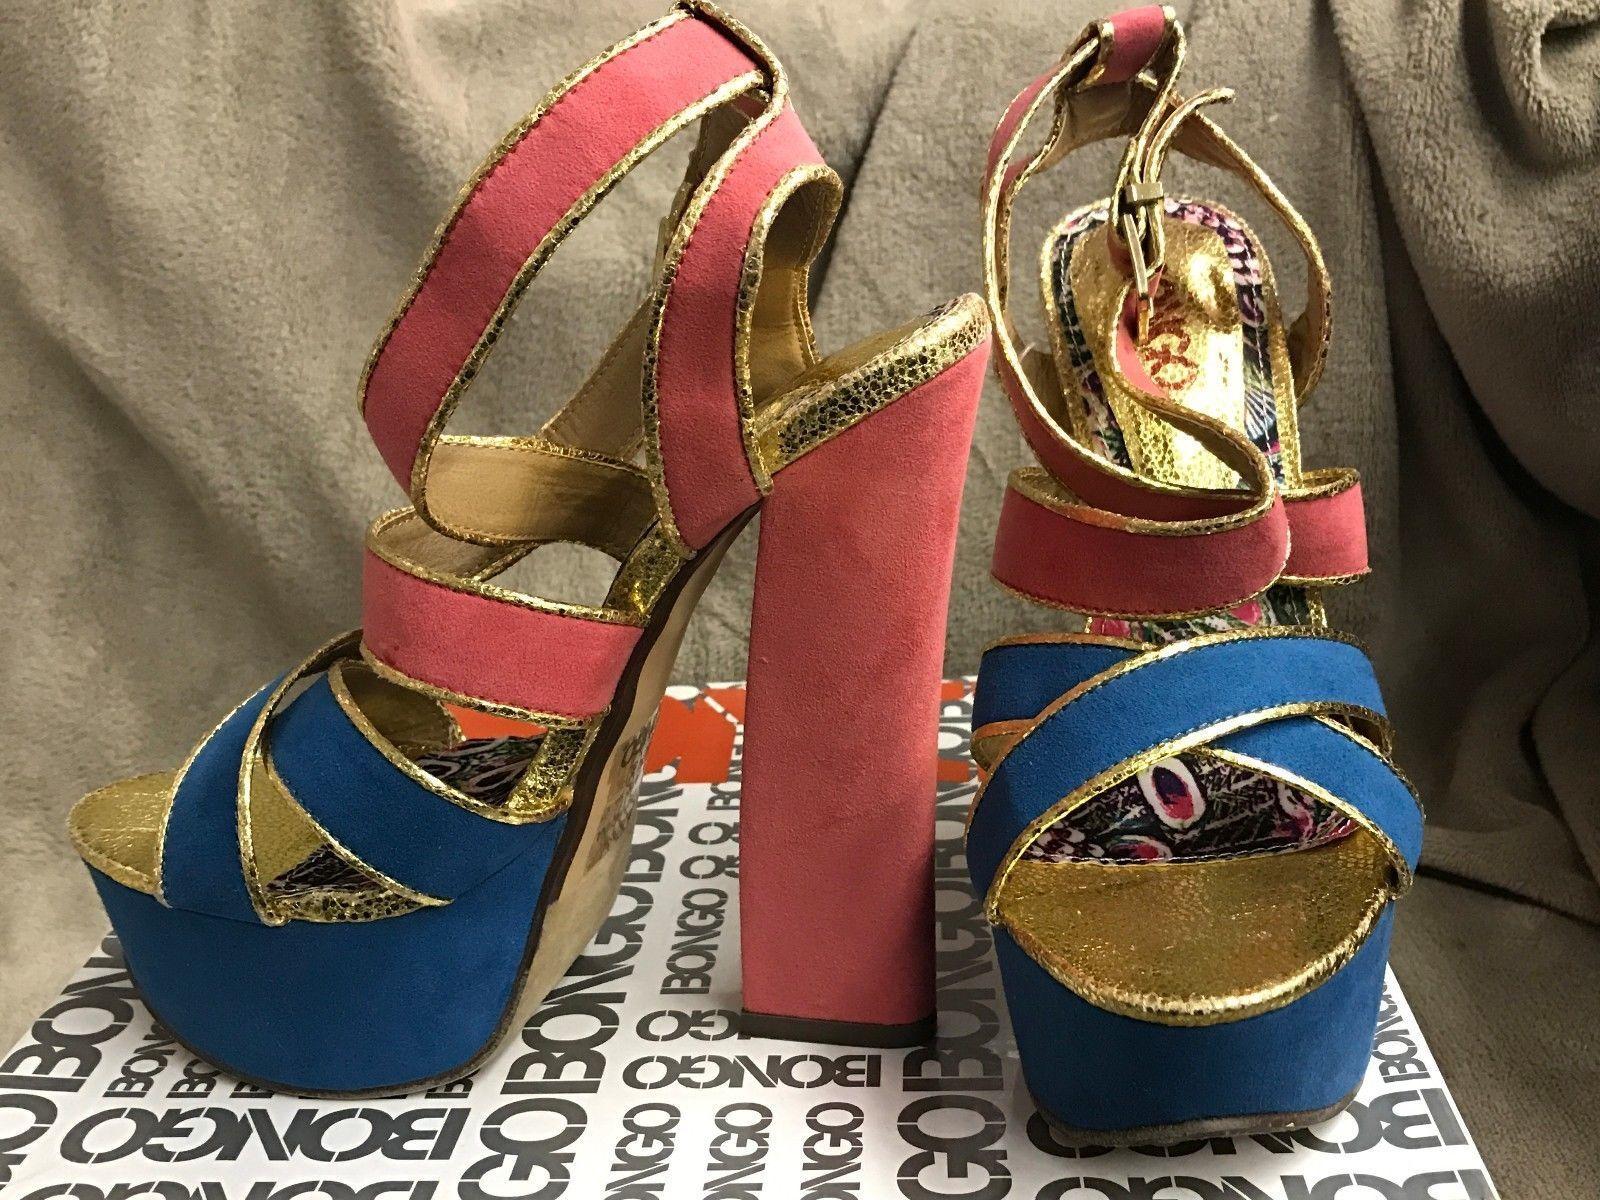 Women's Bongo Blue Pink Sandals Pumps High Heel Platform Pumps Sandals 49b861